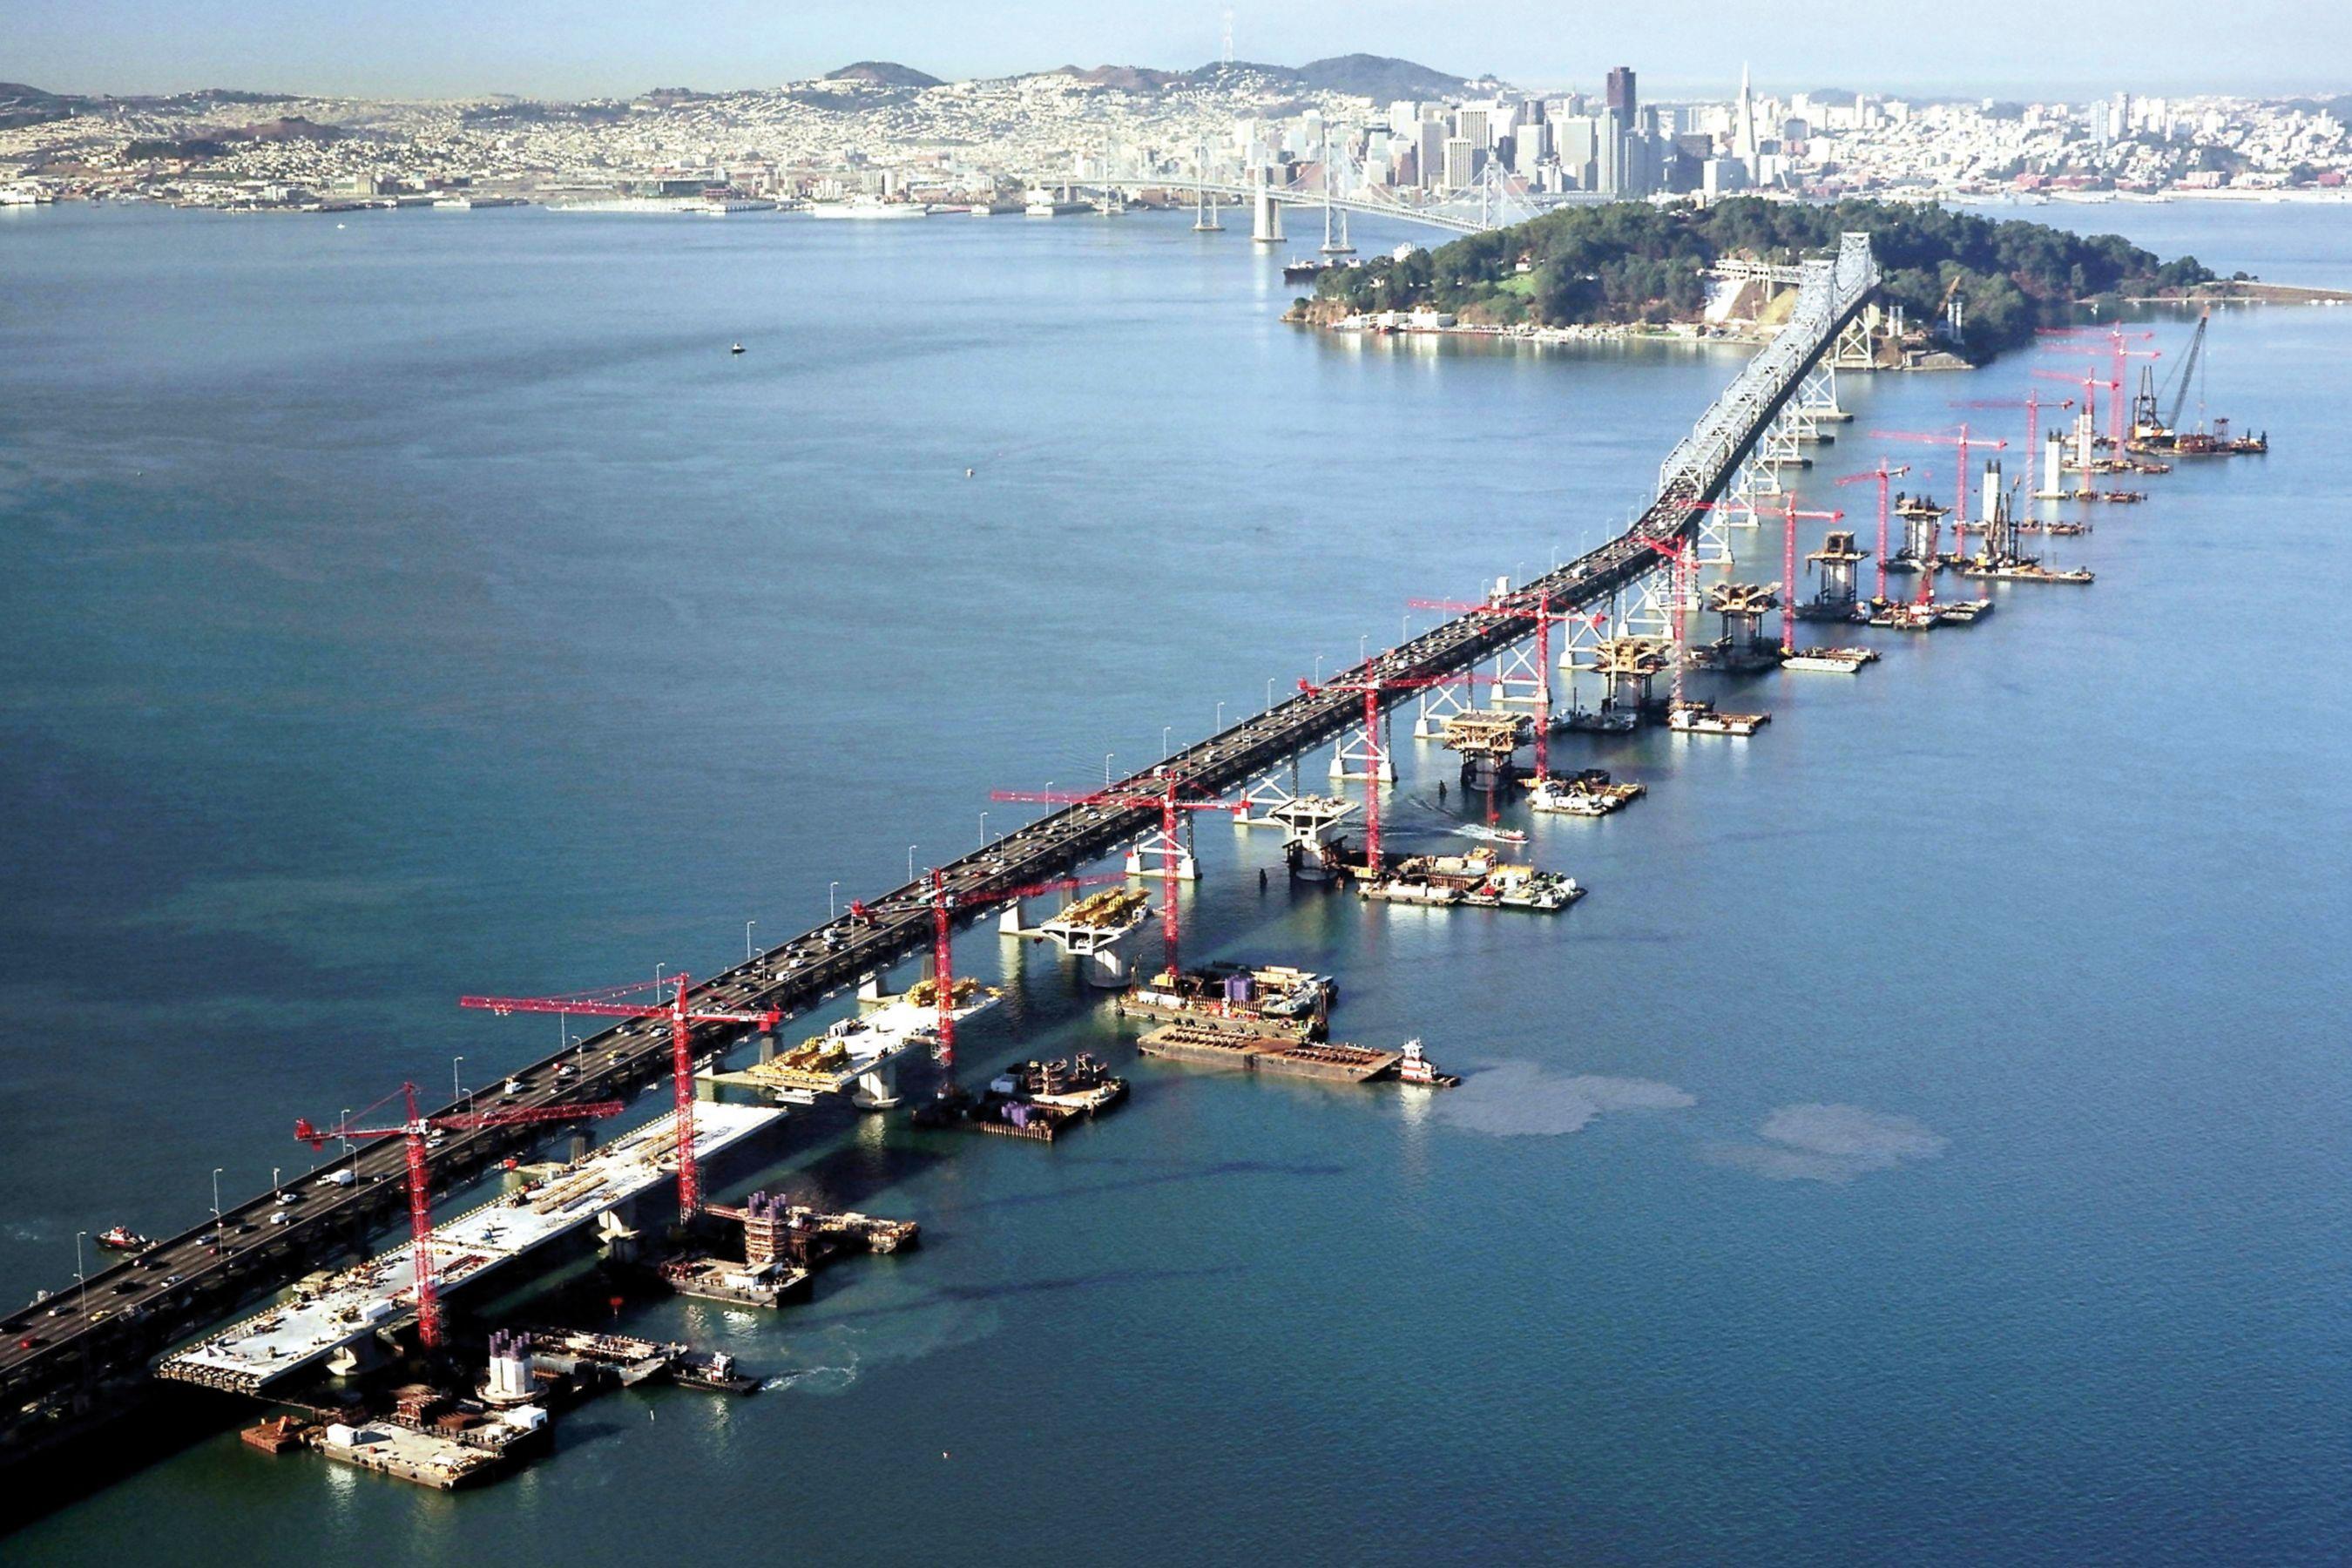 旧金山的建筑 - 奥克兰海湾大桥在美国